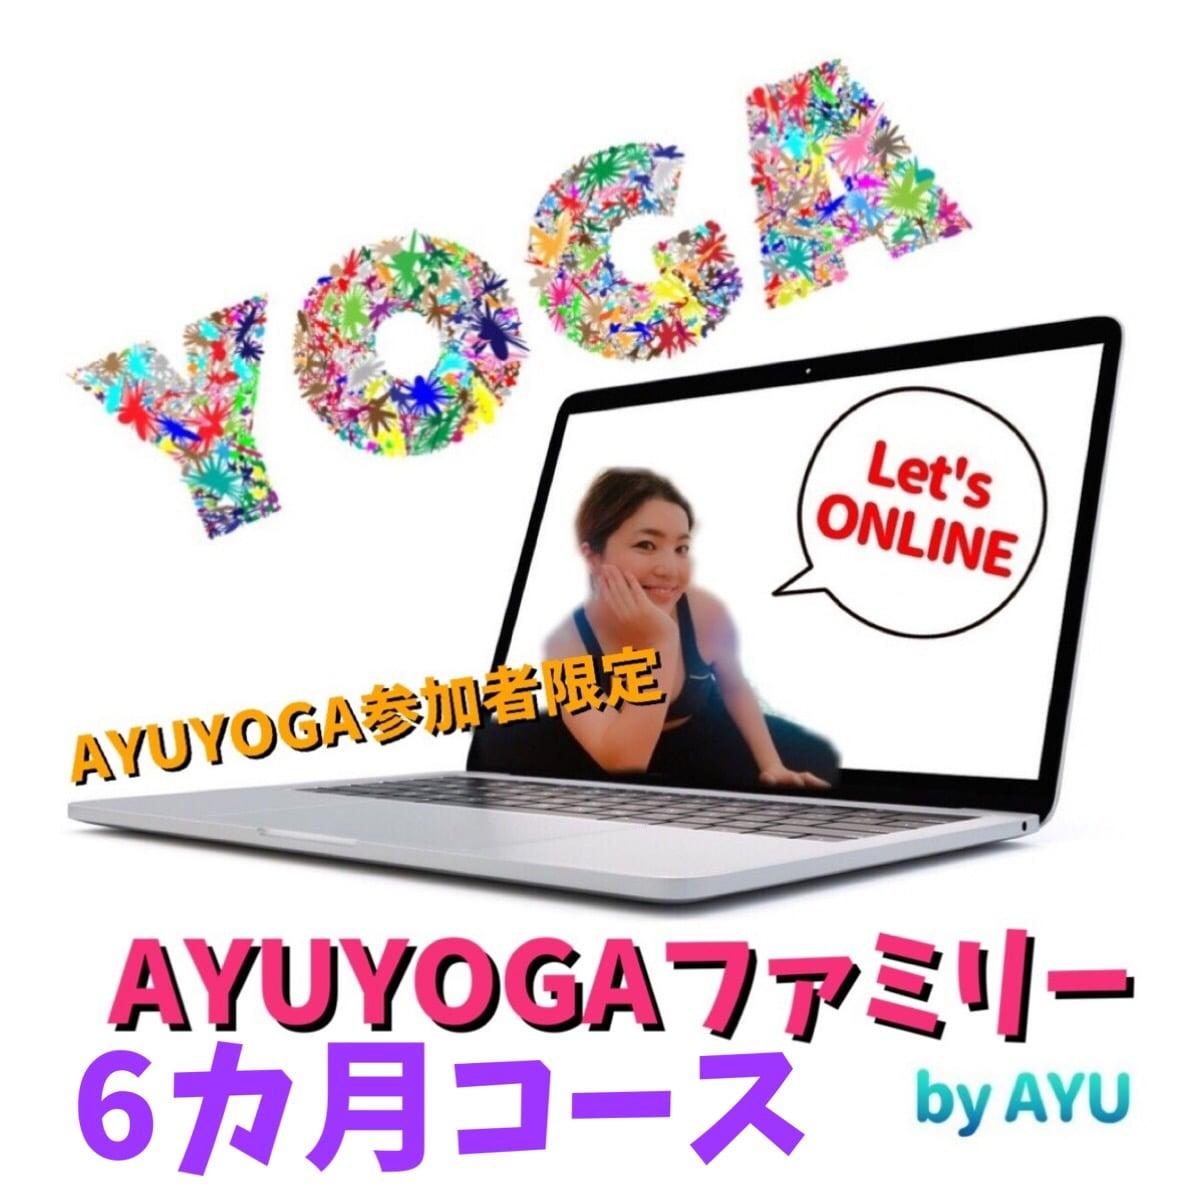 6カ月コース*オンラインサロン*AYUYOGAファミリーのイメージその1